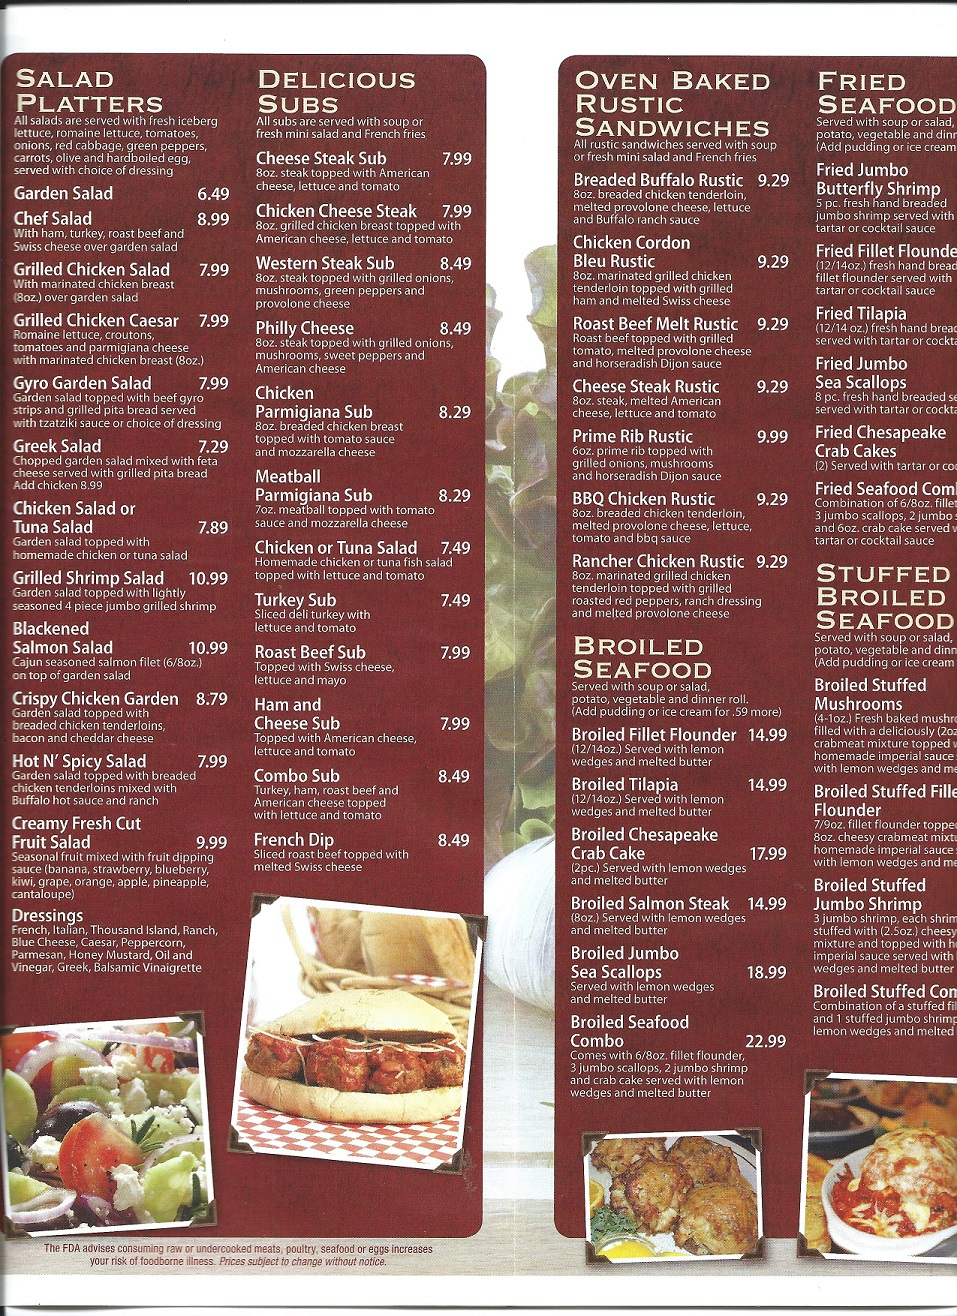 Four Seasons menu page 2